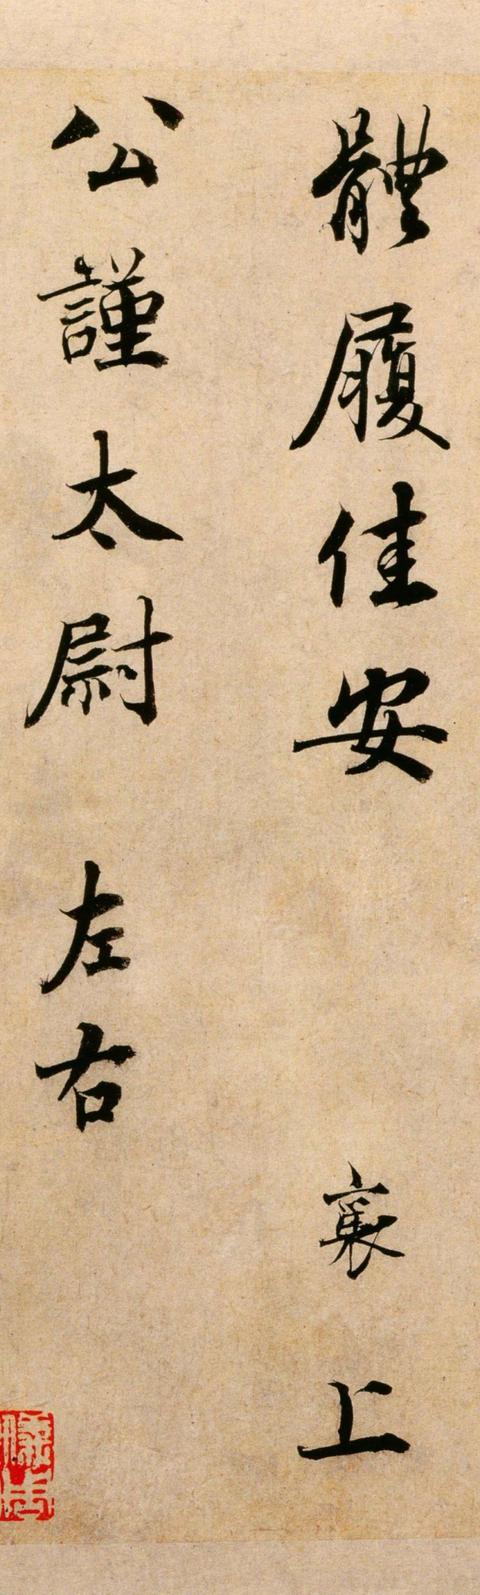 蔡襄行楷《蒙惠帖》欣赏,苏东坡评其为宋朝书法第一名